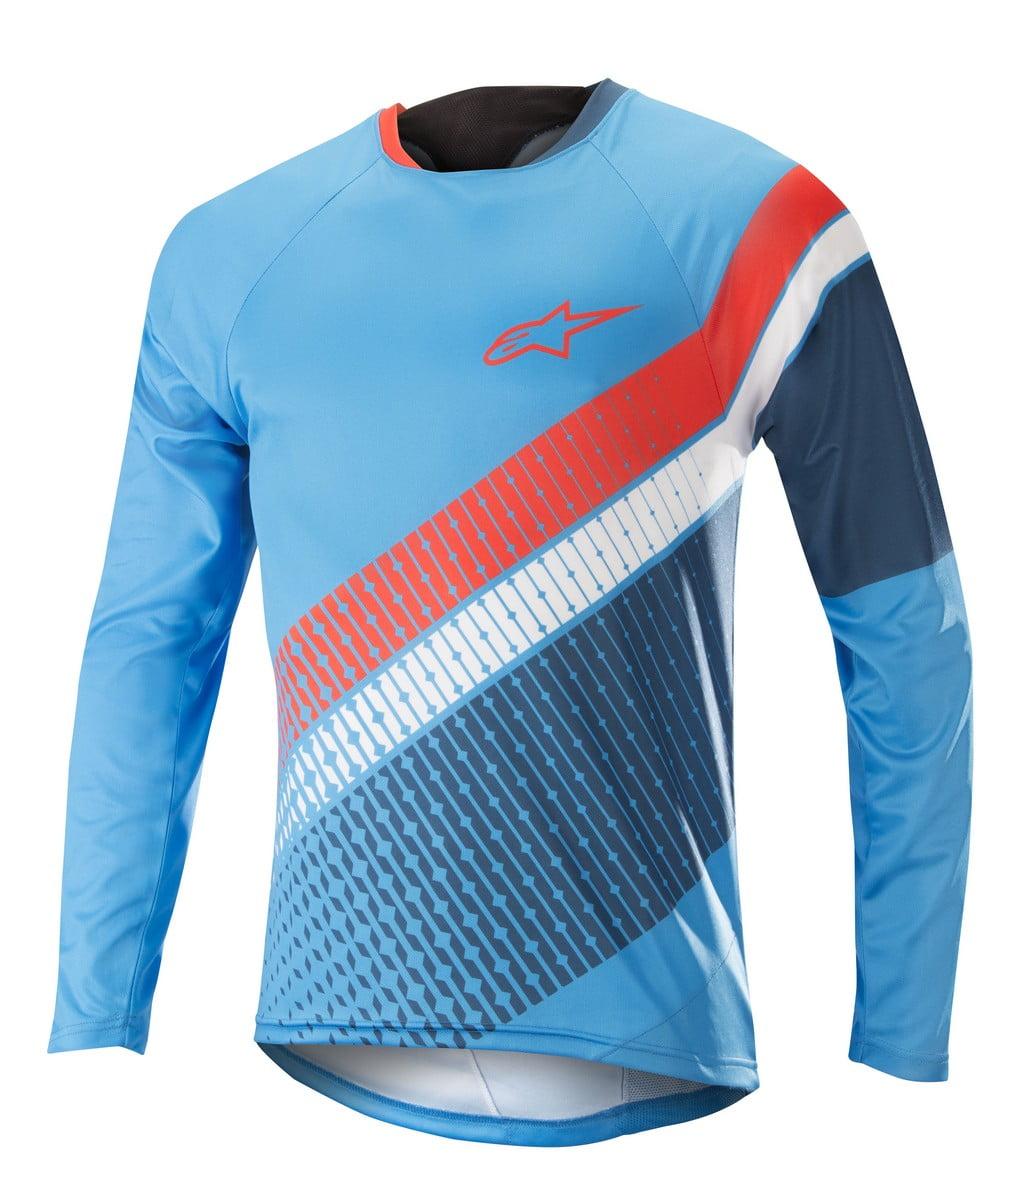 1766118_7044_PREDATOR LS jersey_BluePoseidonOrange